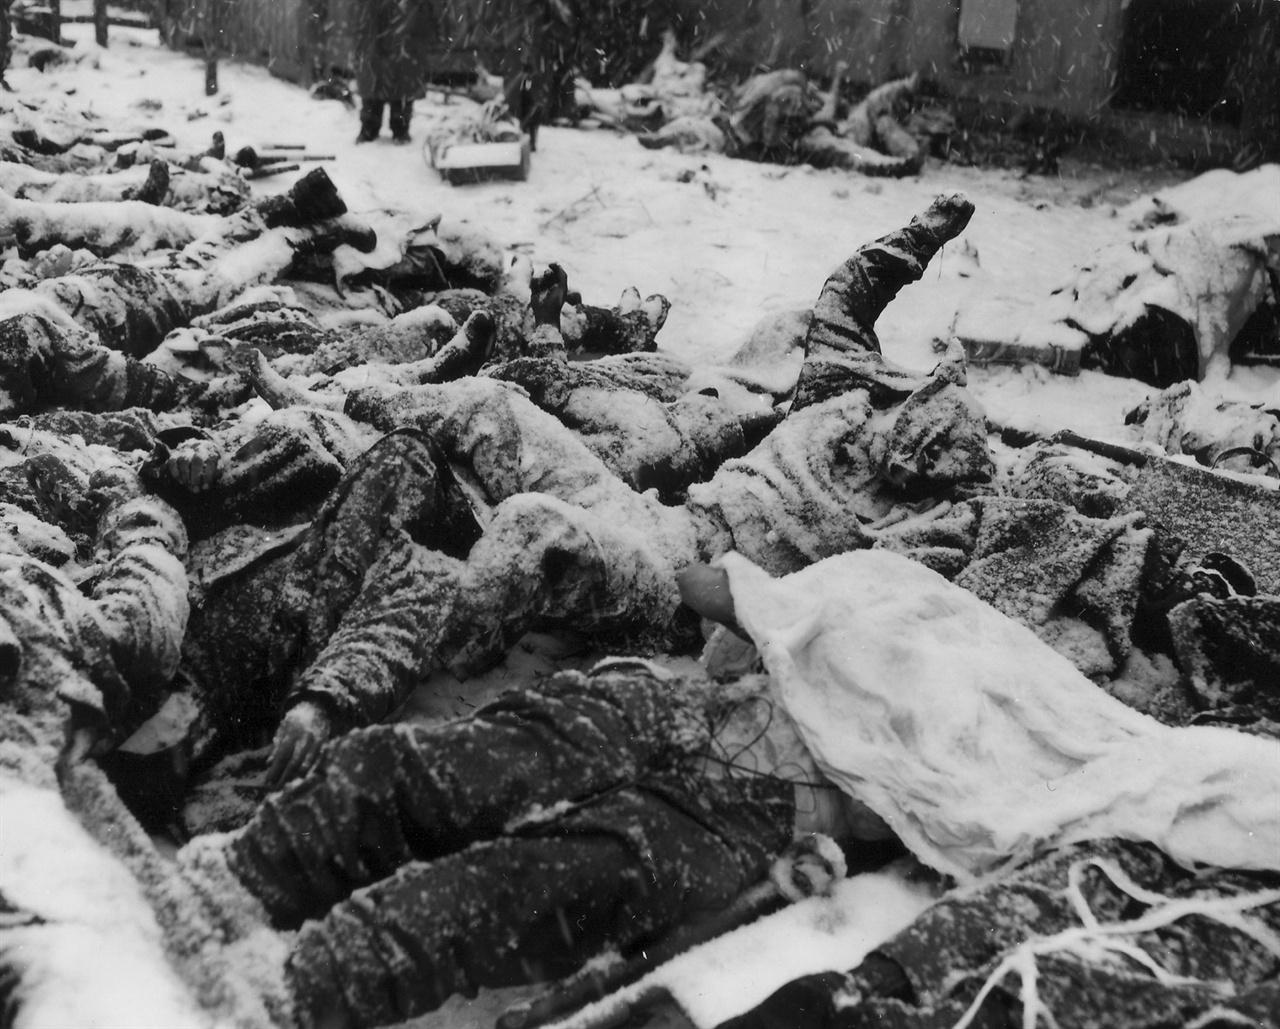 1950. 12. 8. 고토리. 장진호전투에서 혹한을 만나 동사한 유엔군 시신들.